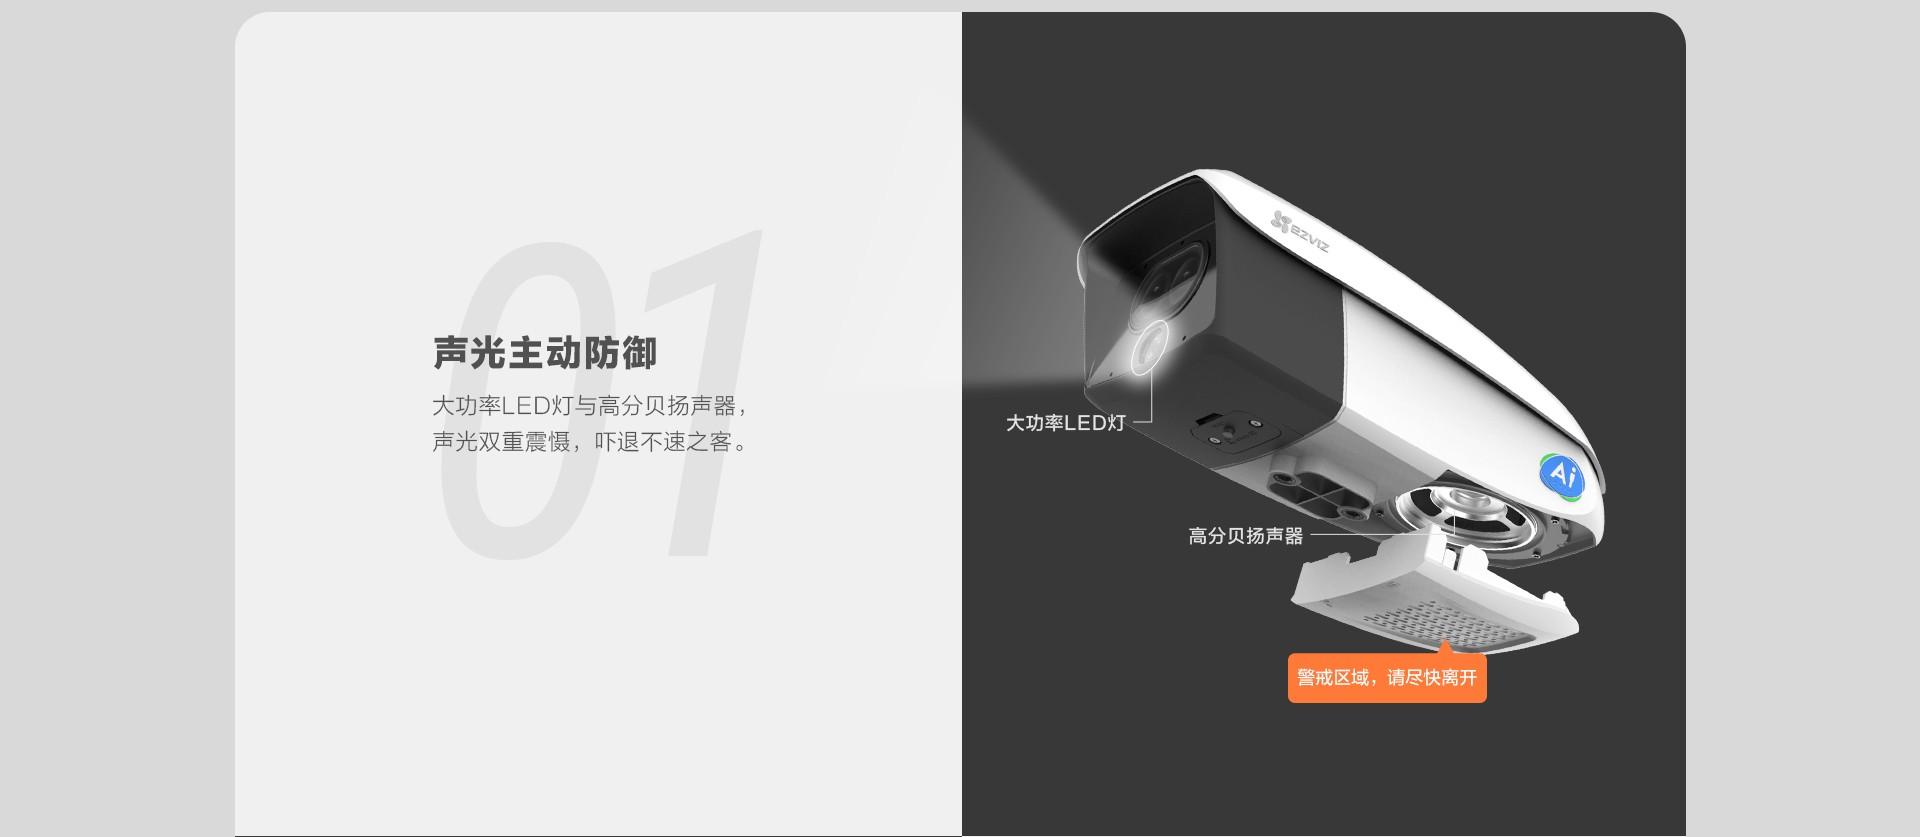 C5X-web_16.jpg